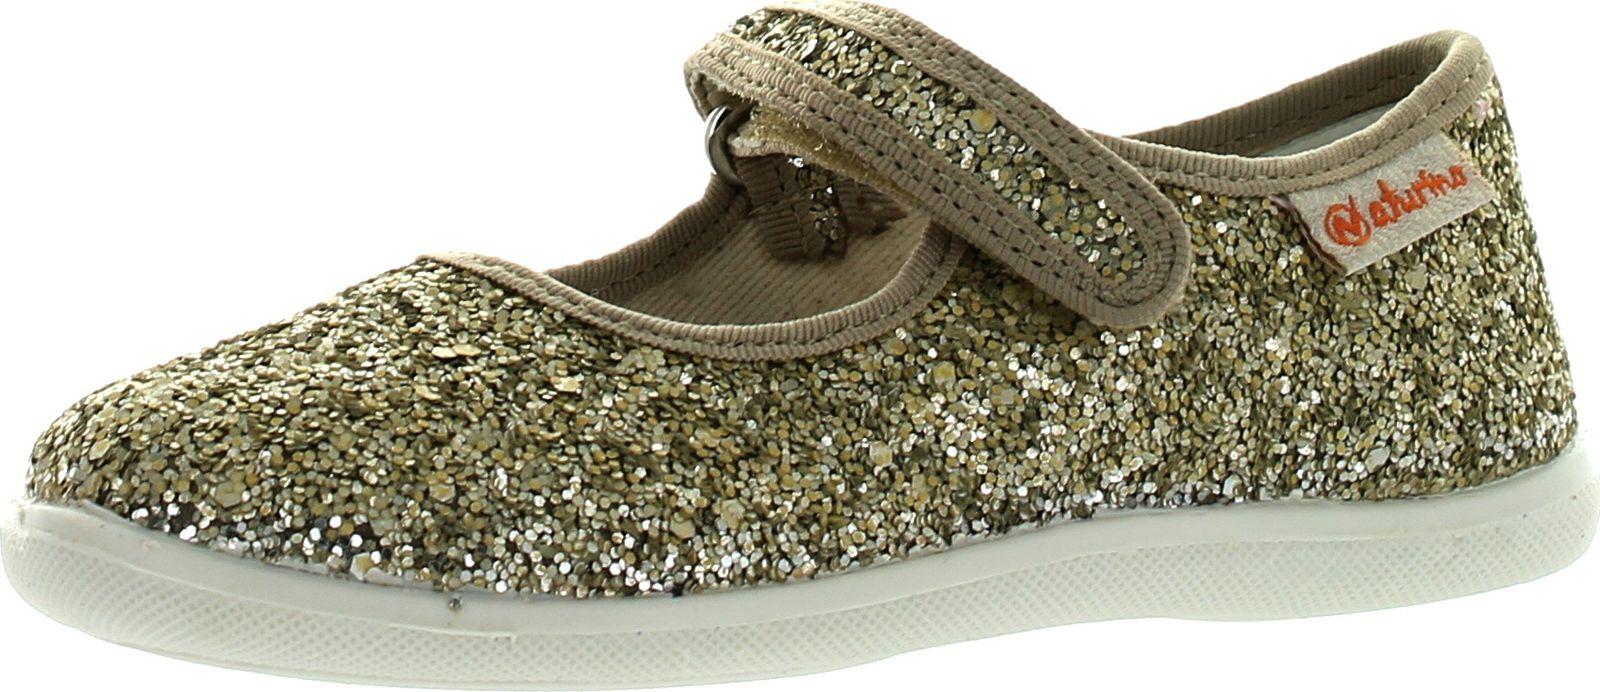 Naturino Naturino Girls 7703 Fashion Sequins Flats Shoes